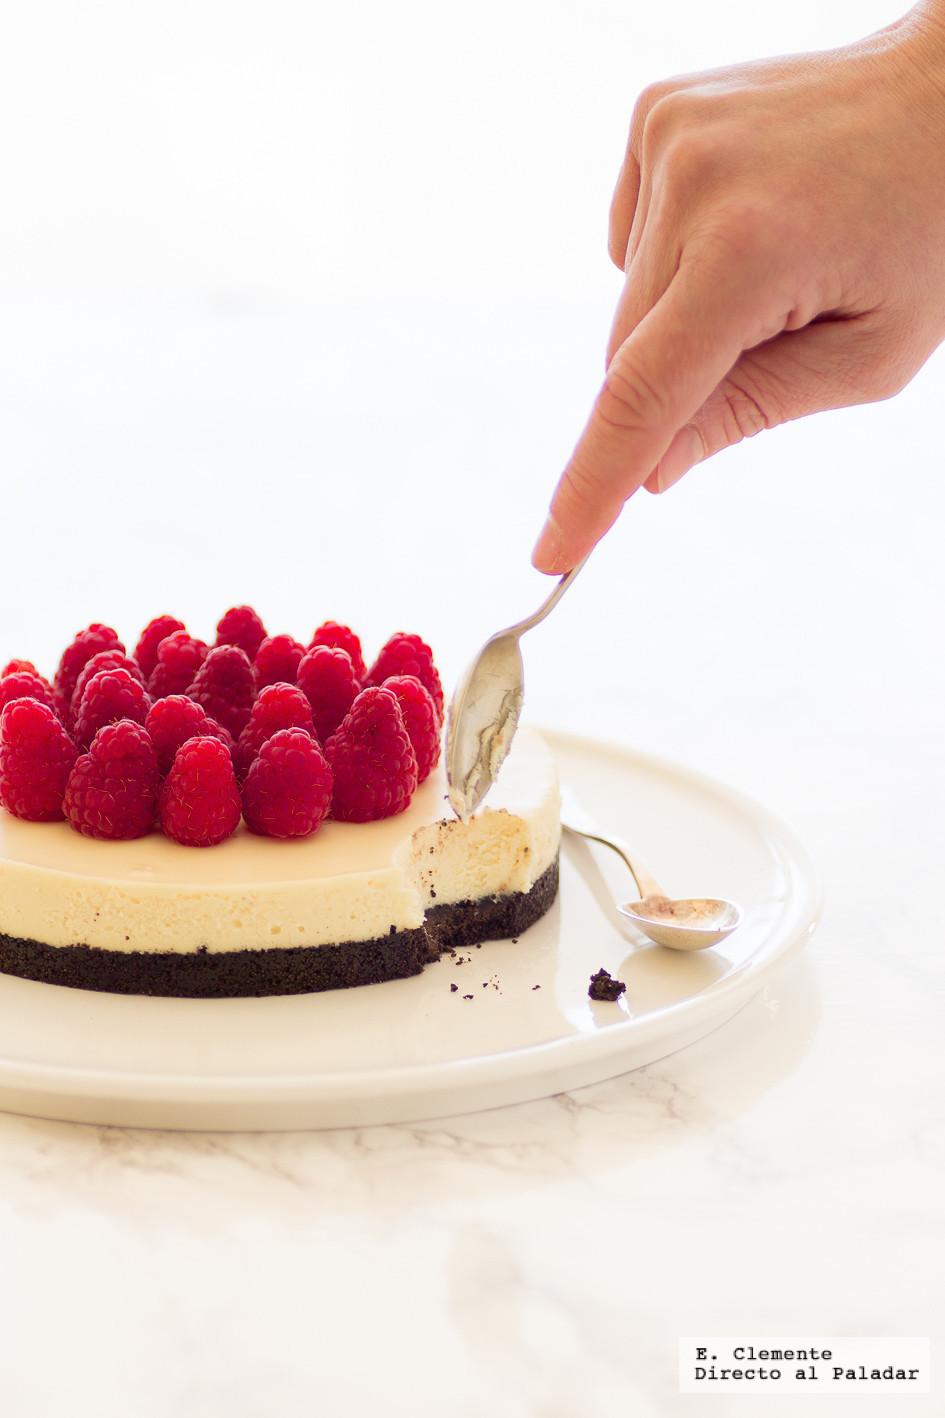 Molde redondo antiadherente para tartas de manzana y otros pasteles de frutas